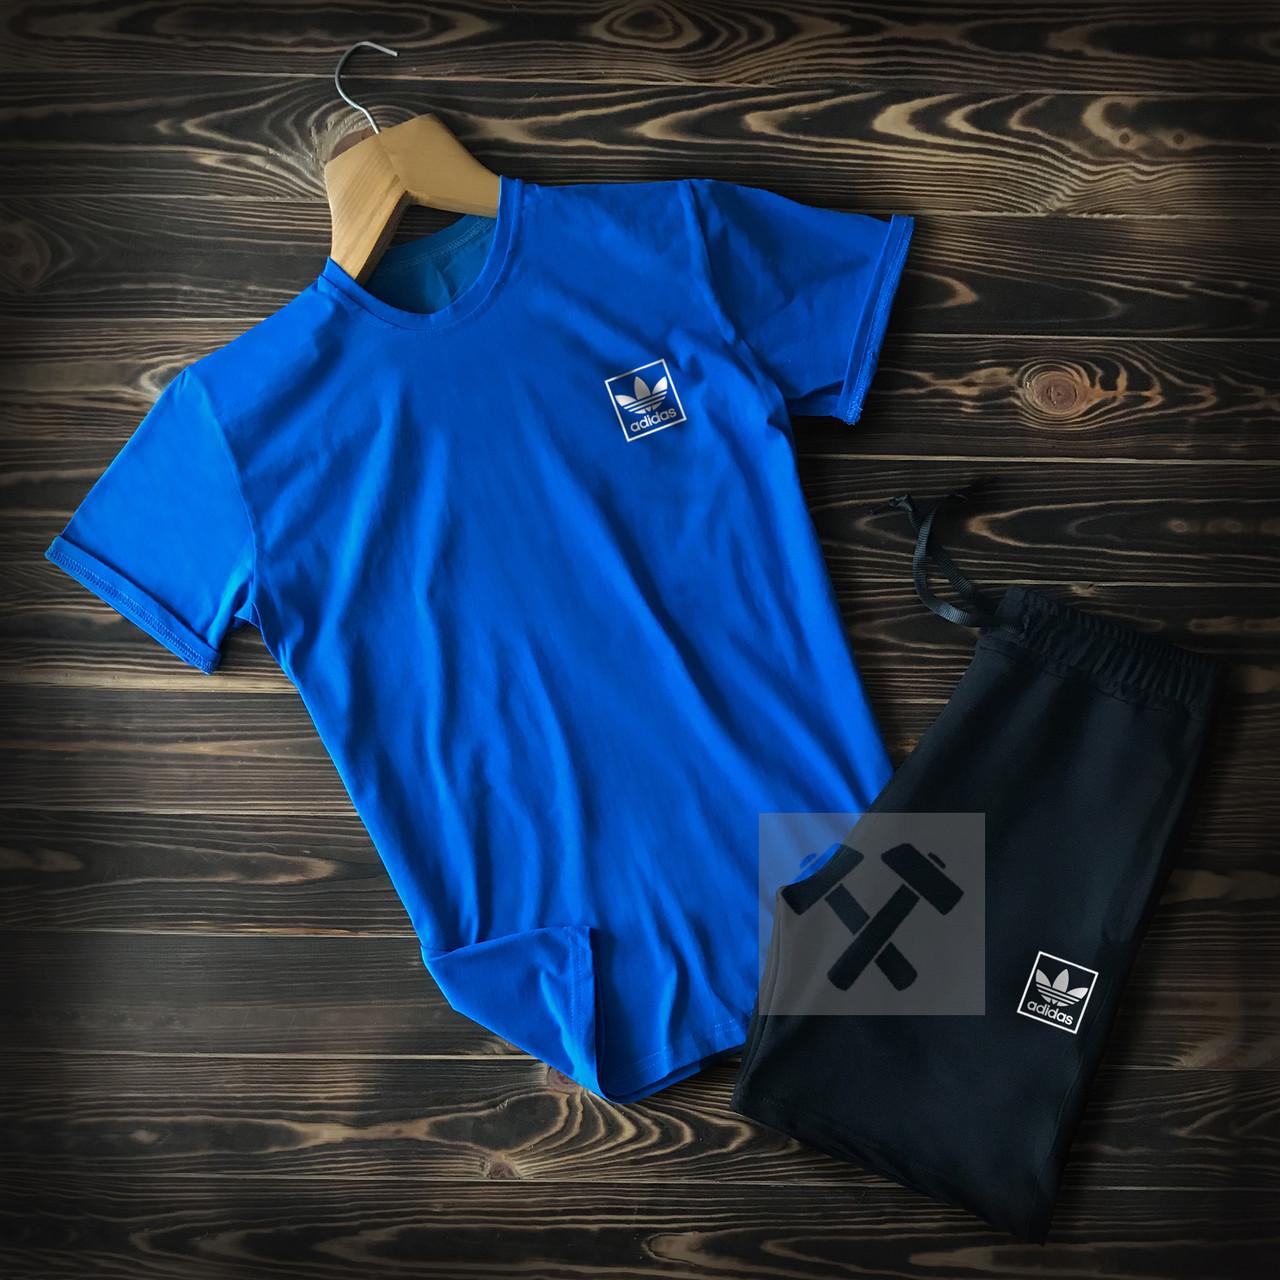 Летний мужской спортивный костюм Adidas черно-синего цвета